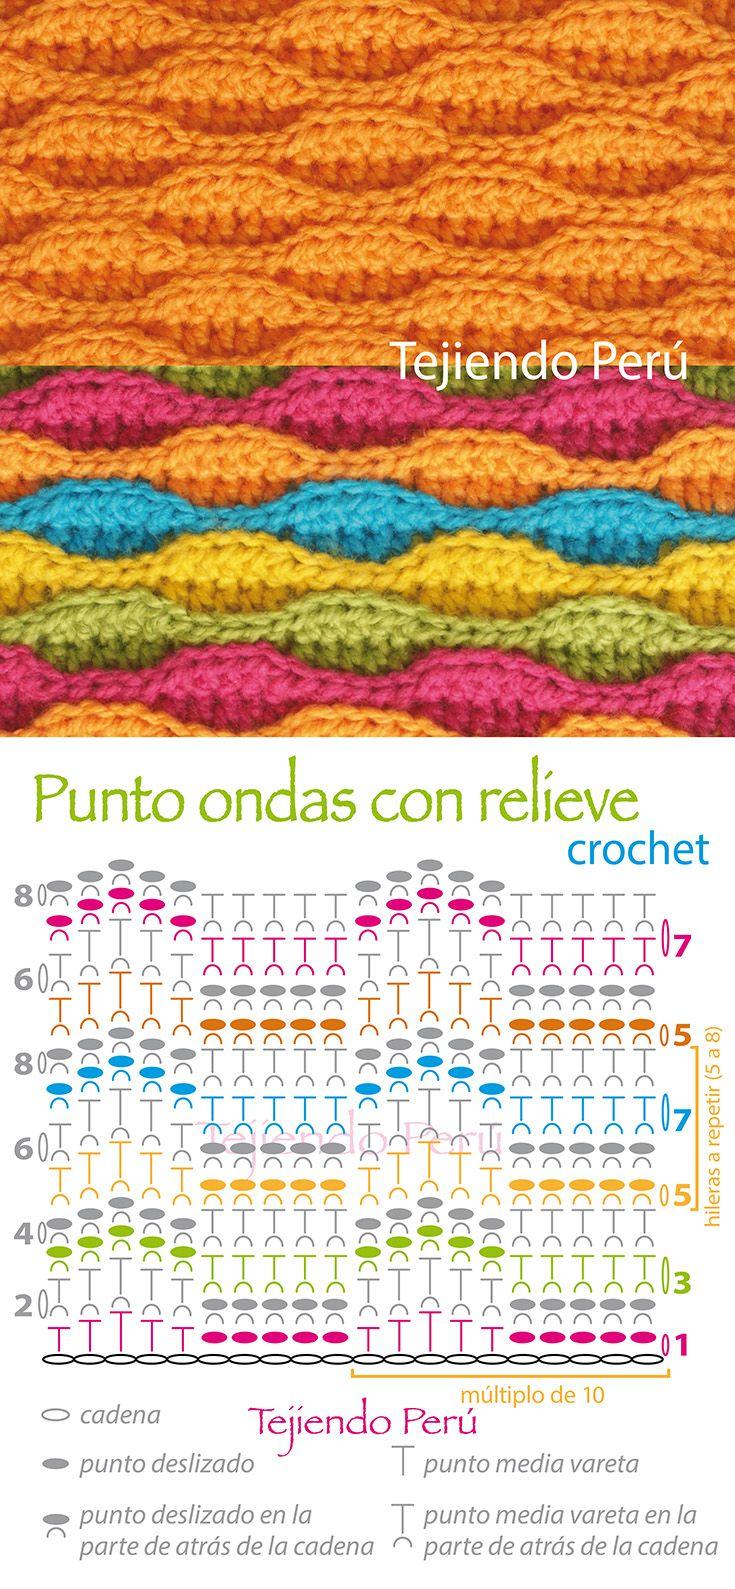 Crochet: punto ondas texturado (o en relieve). Diagrama o gráfico ...